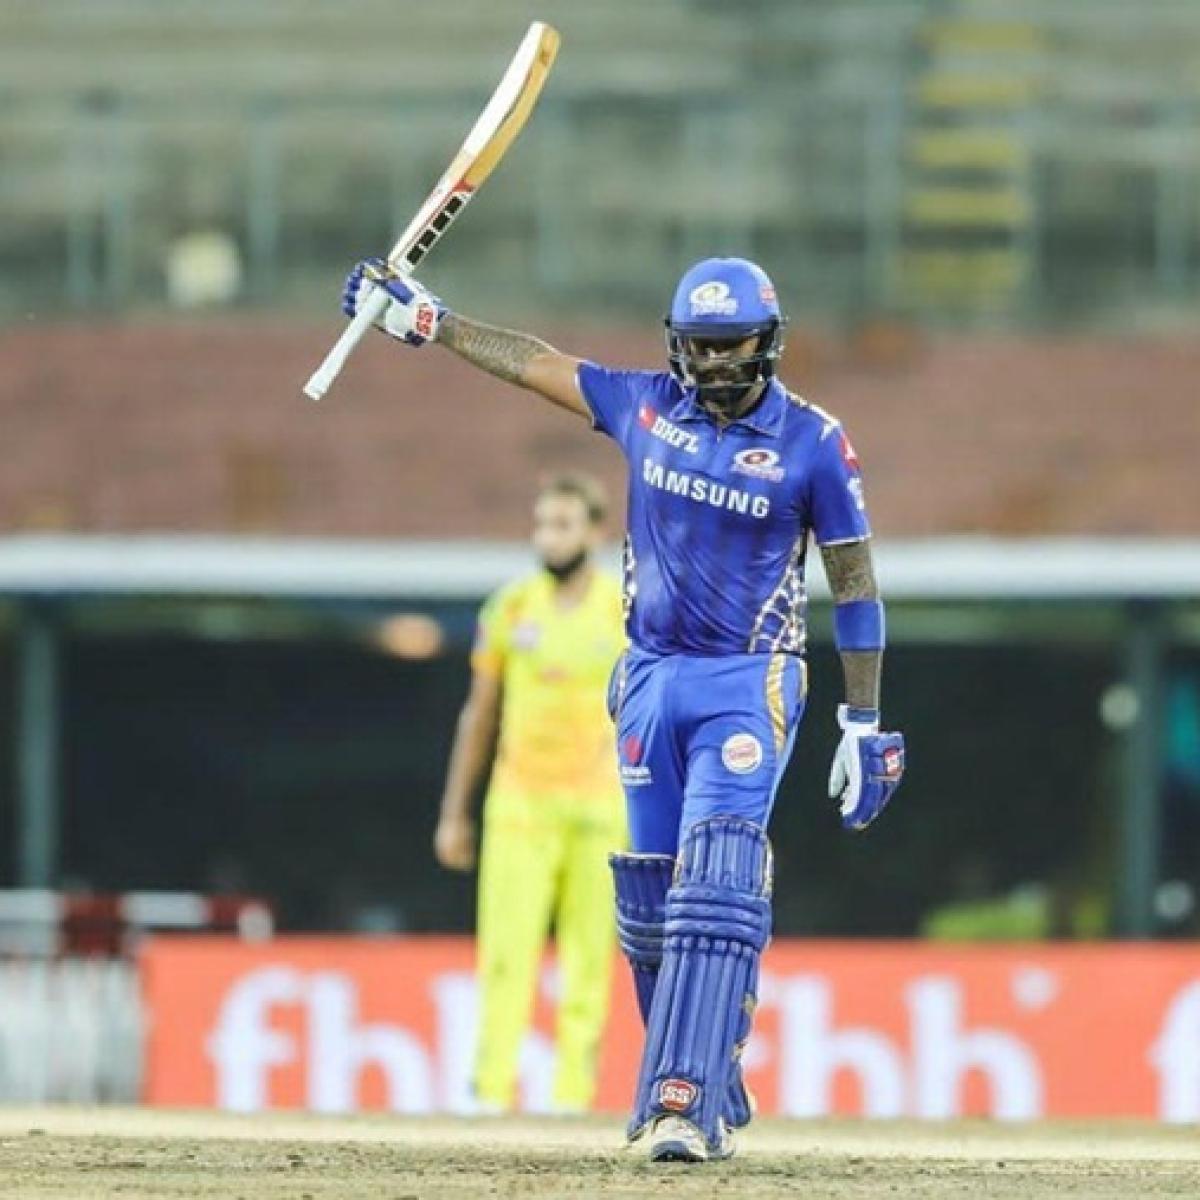 Suryakumar Yadav unbeaten 81 help Mumbai's victory